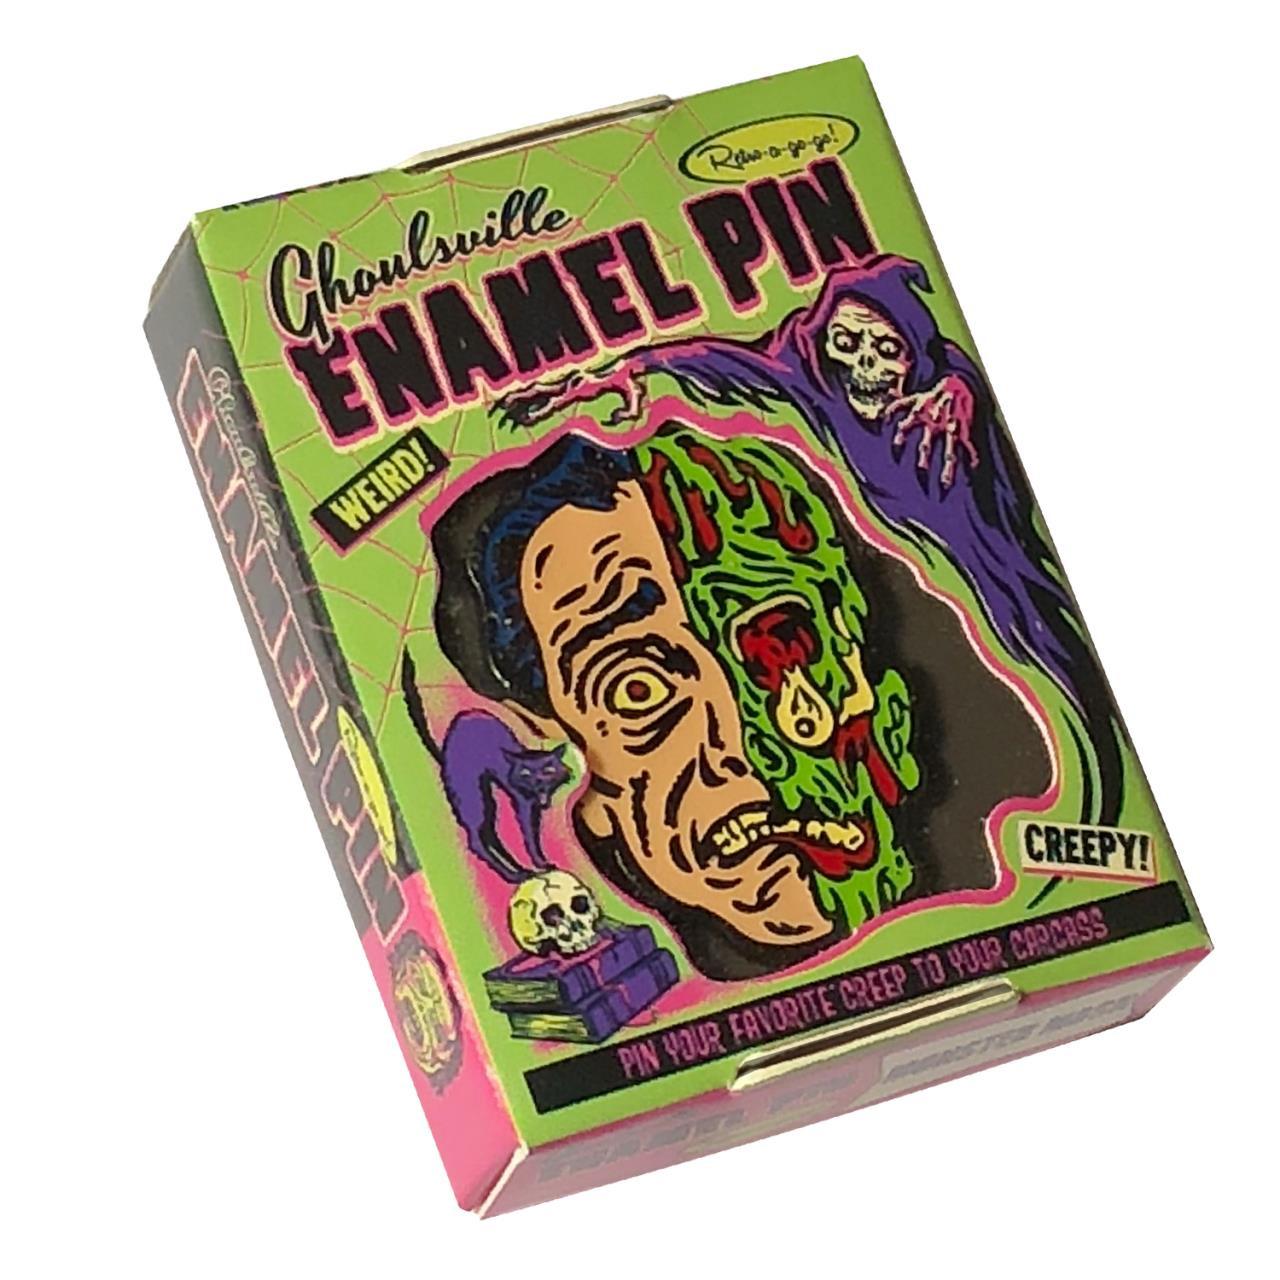 Melted Man Enamel Pin - 0659682806495